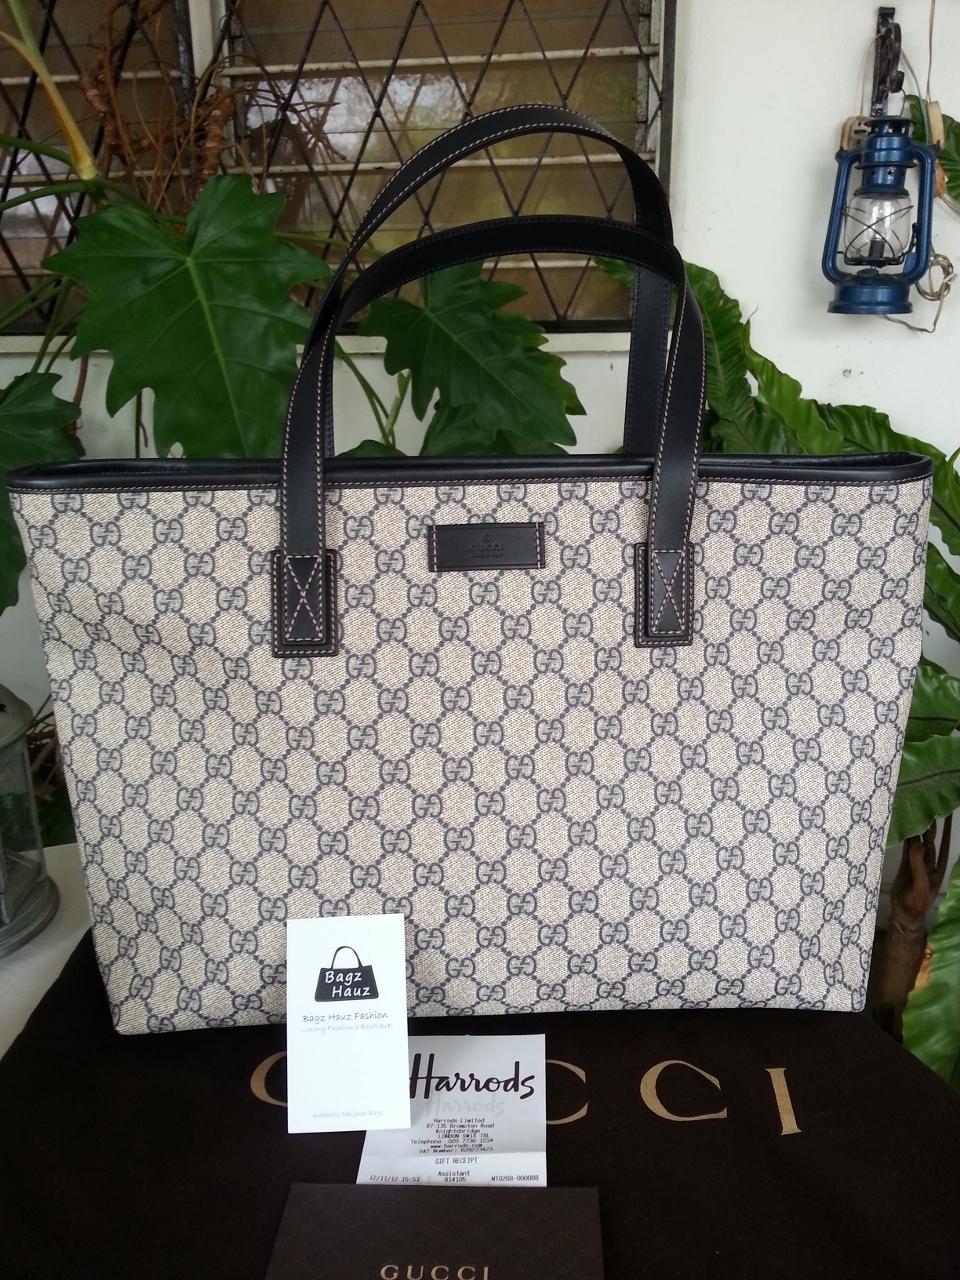 Bagz Hauz Fashion: Nov 2012 Buying Trip Goodies